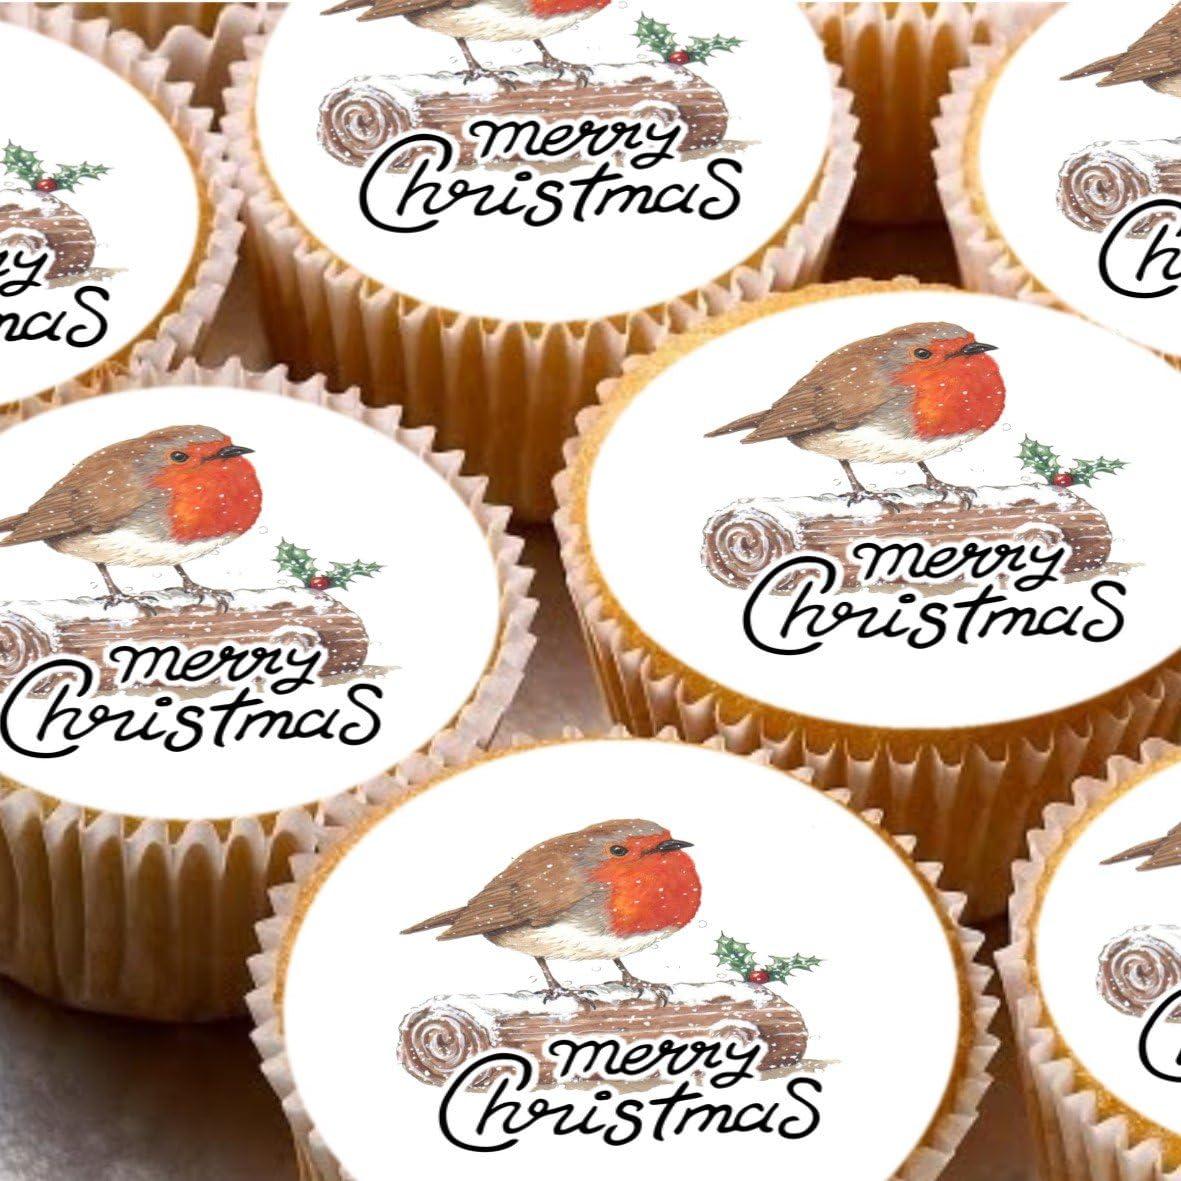 24 adornos para tartas de 4 cm con diseño de robot de Navidad y pájaros: Amazon.es: Hogar